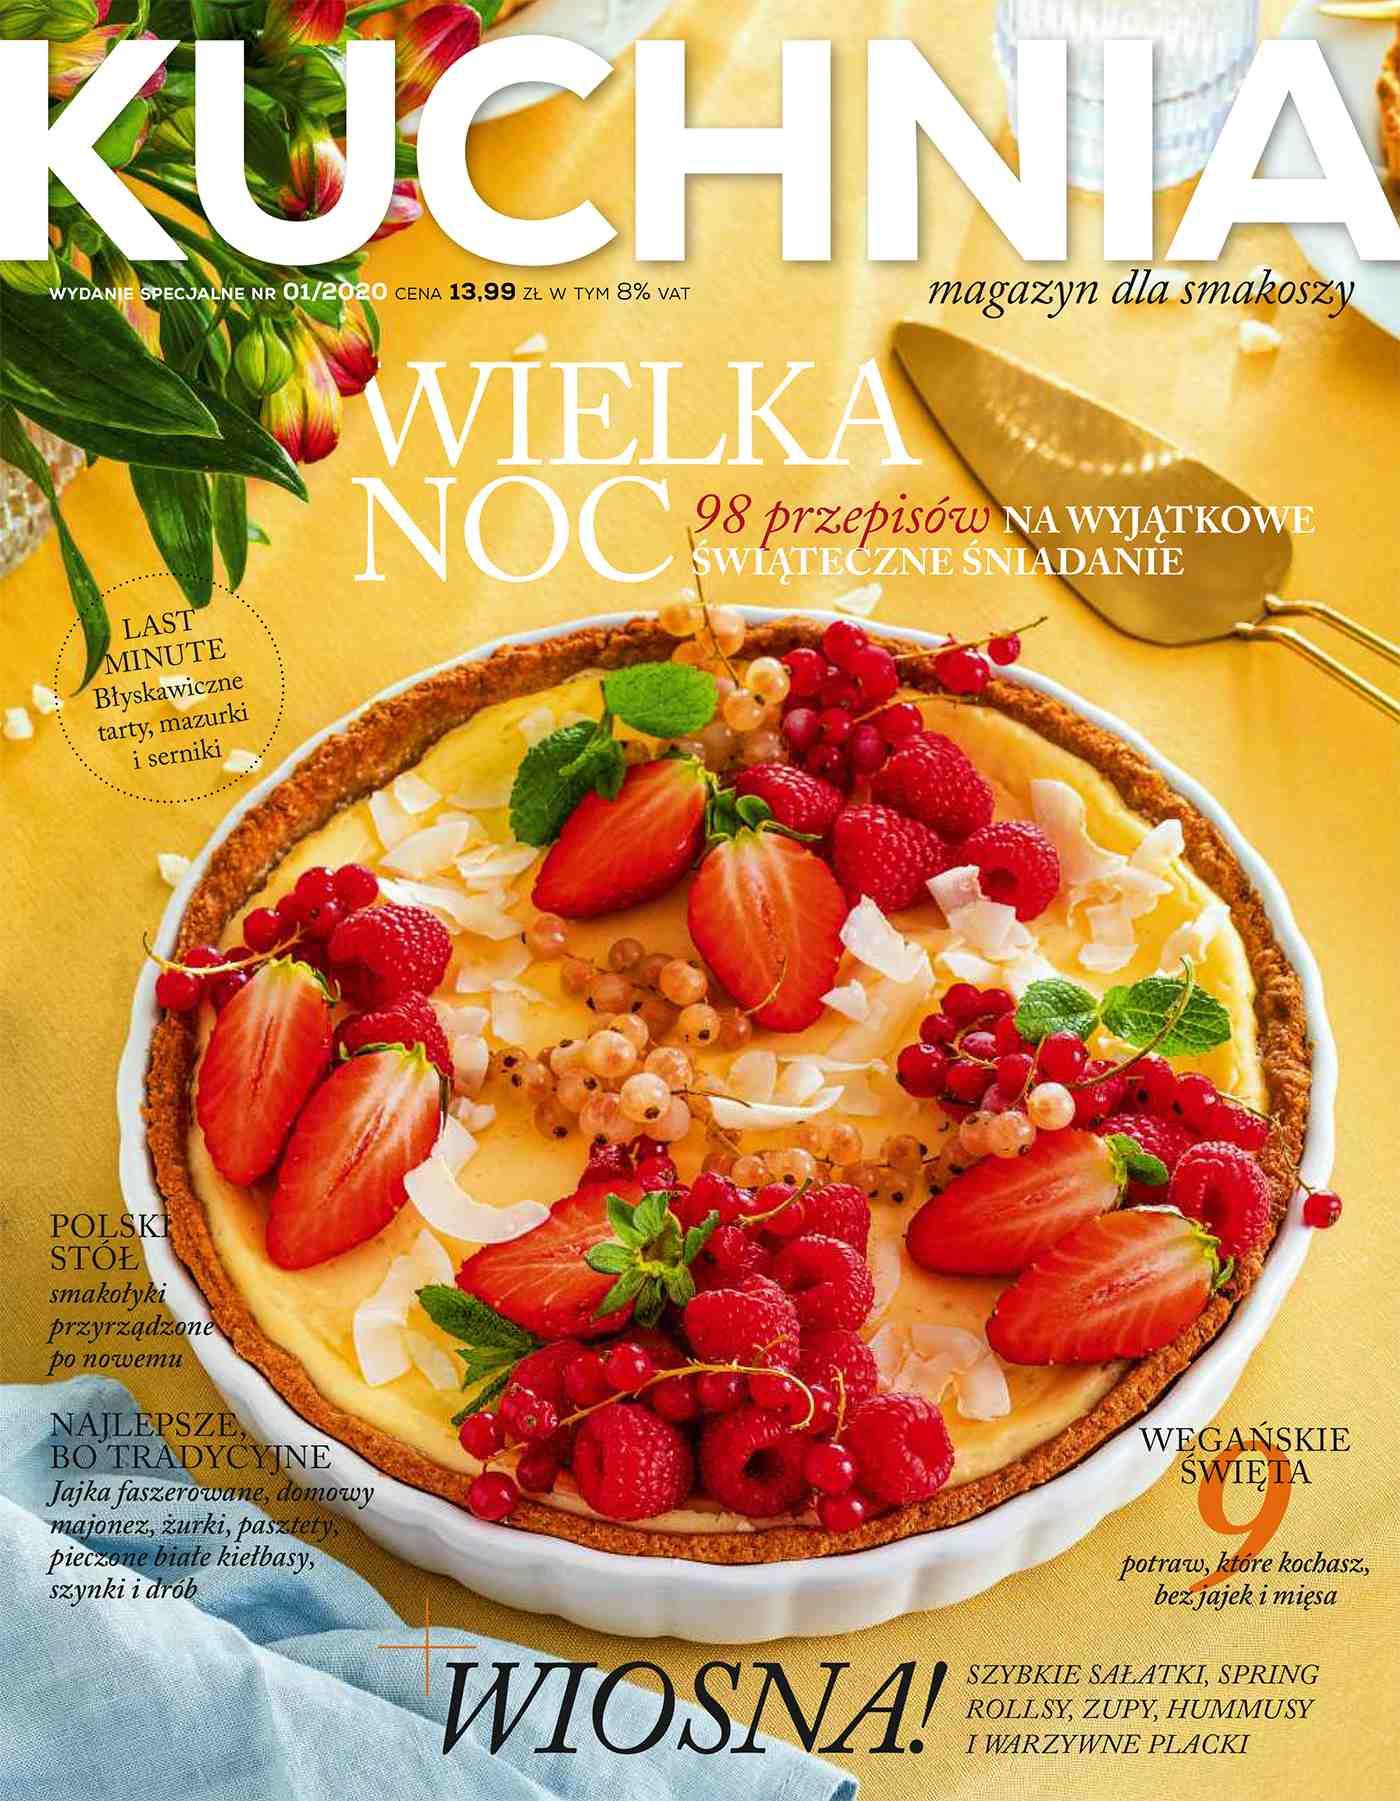 Kuchnia. Magazyn dla smakoszy 1/2020 Wielkanoc. Wydanie Specjalne - Ebook (Książka PDF) do pobrania w formacie PDF